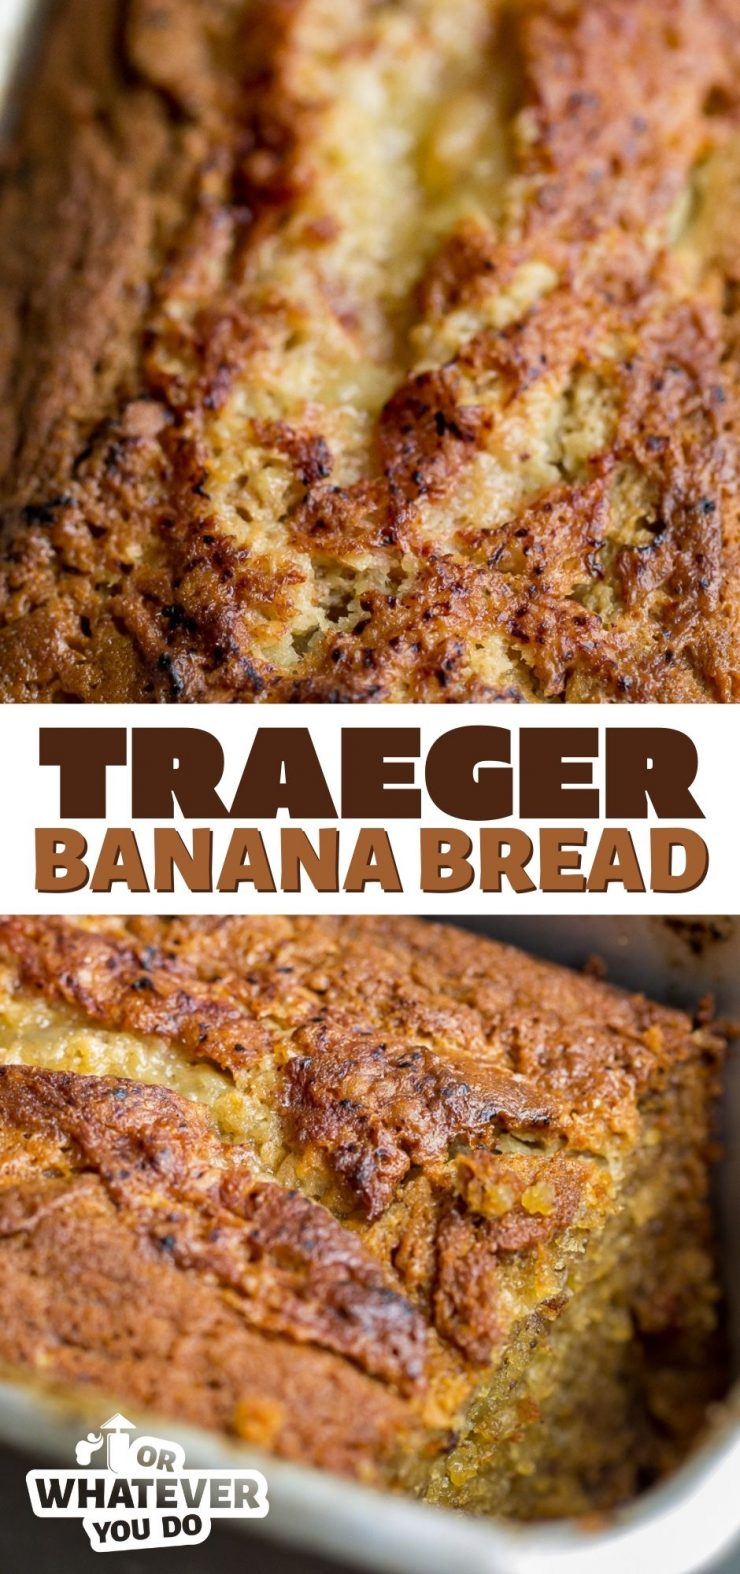 Traeger Banana Bread